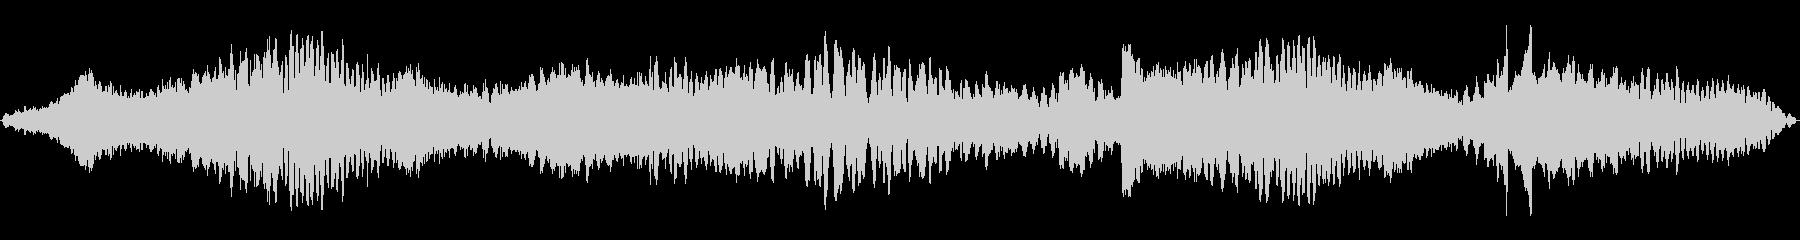 静かに不気味なホラー系BGM(ループ)の未再生の波形